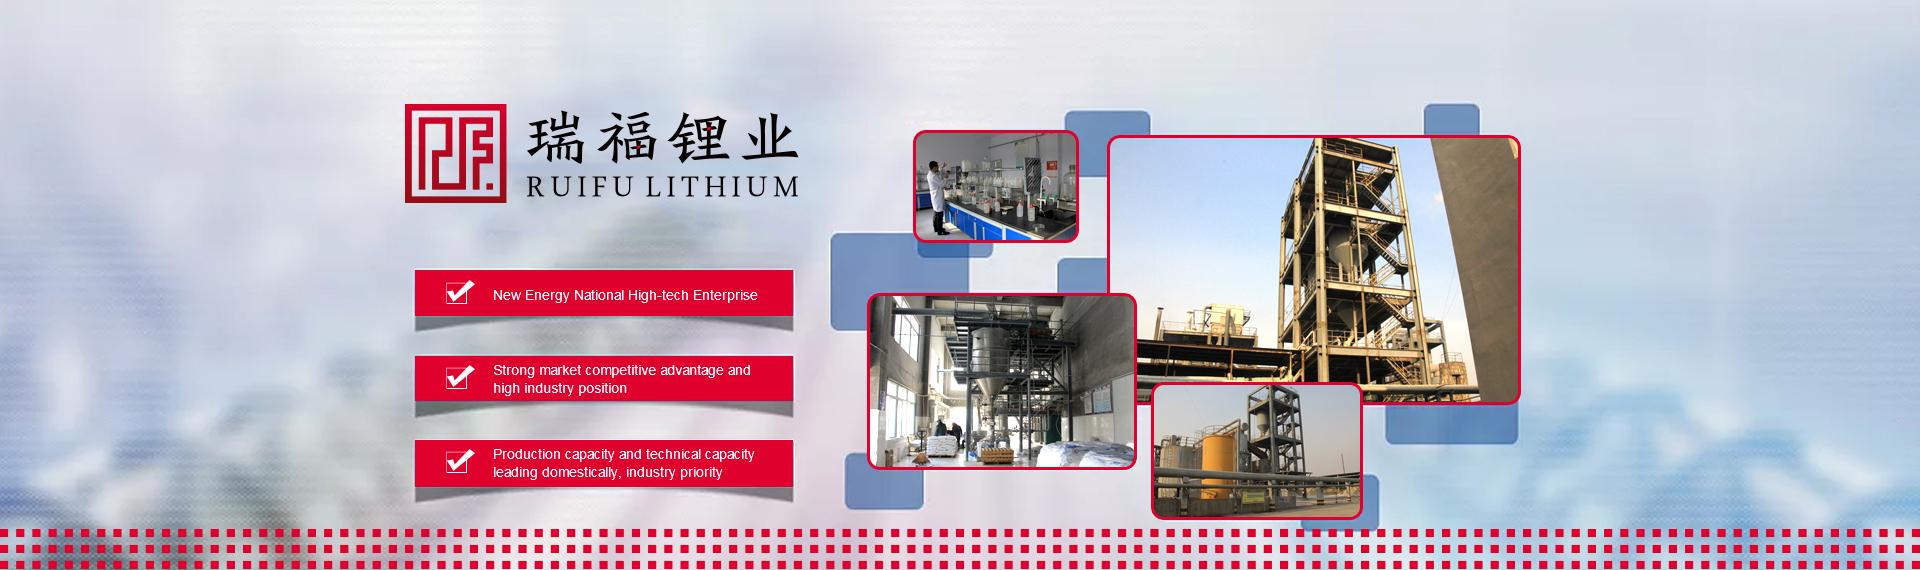 工业级碳酸锂,电池级碳酸锂, 碳酸锂供应商